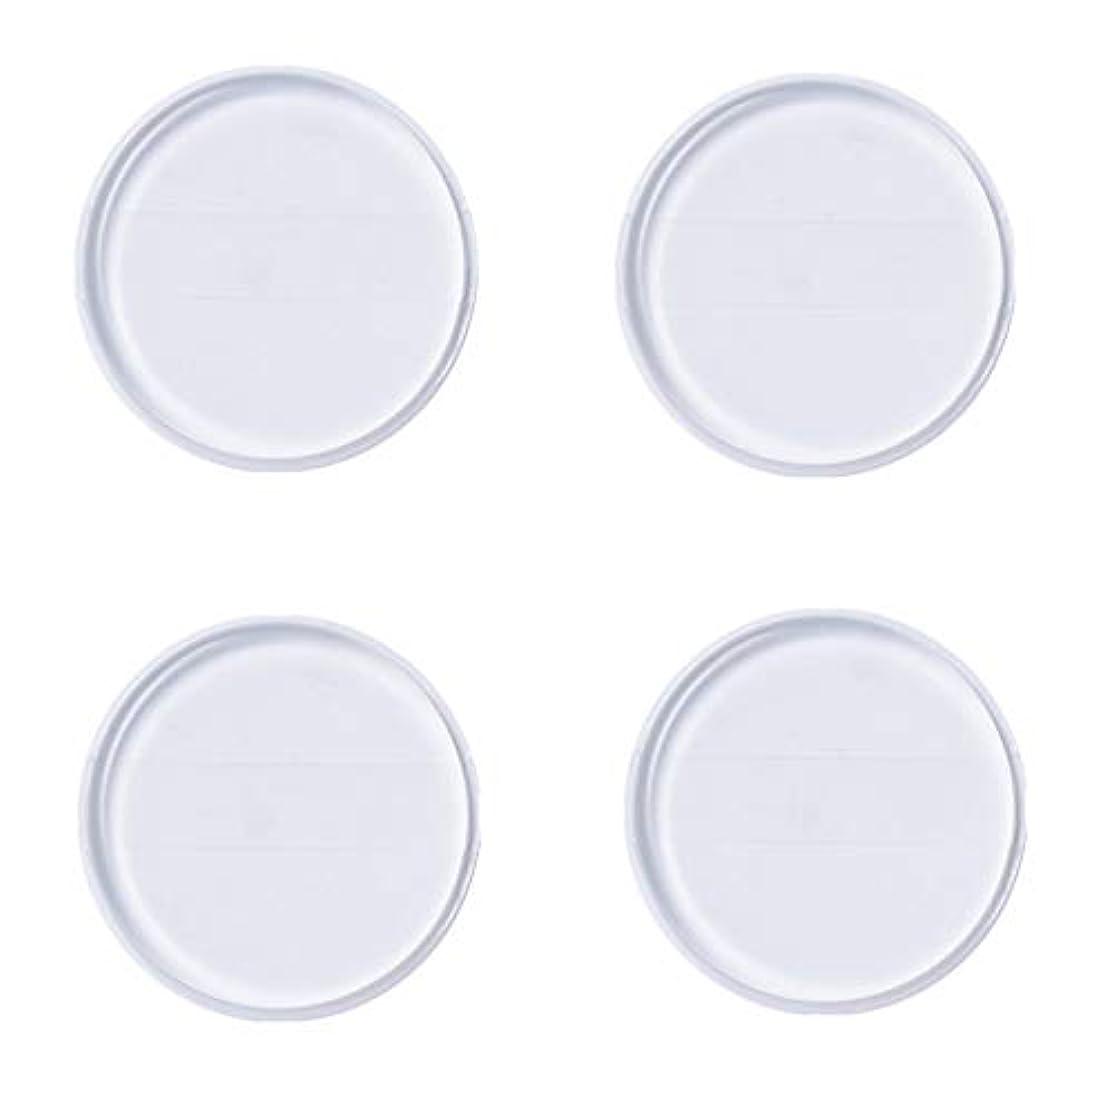 レンズ式にじみ出るKingsie シリコンパフ 帯付き 4個セット 丸型 透明 柔らかい ファンデーションパフ ゲルパフ メイクスポンジ 水洗い 清潔